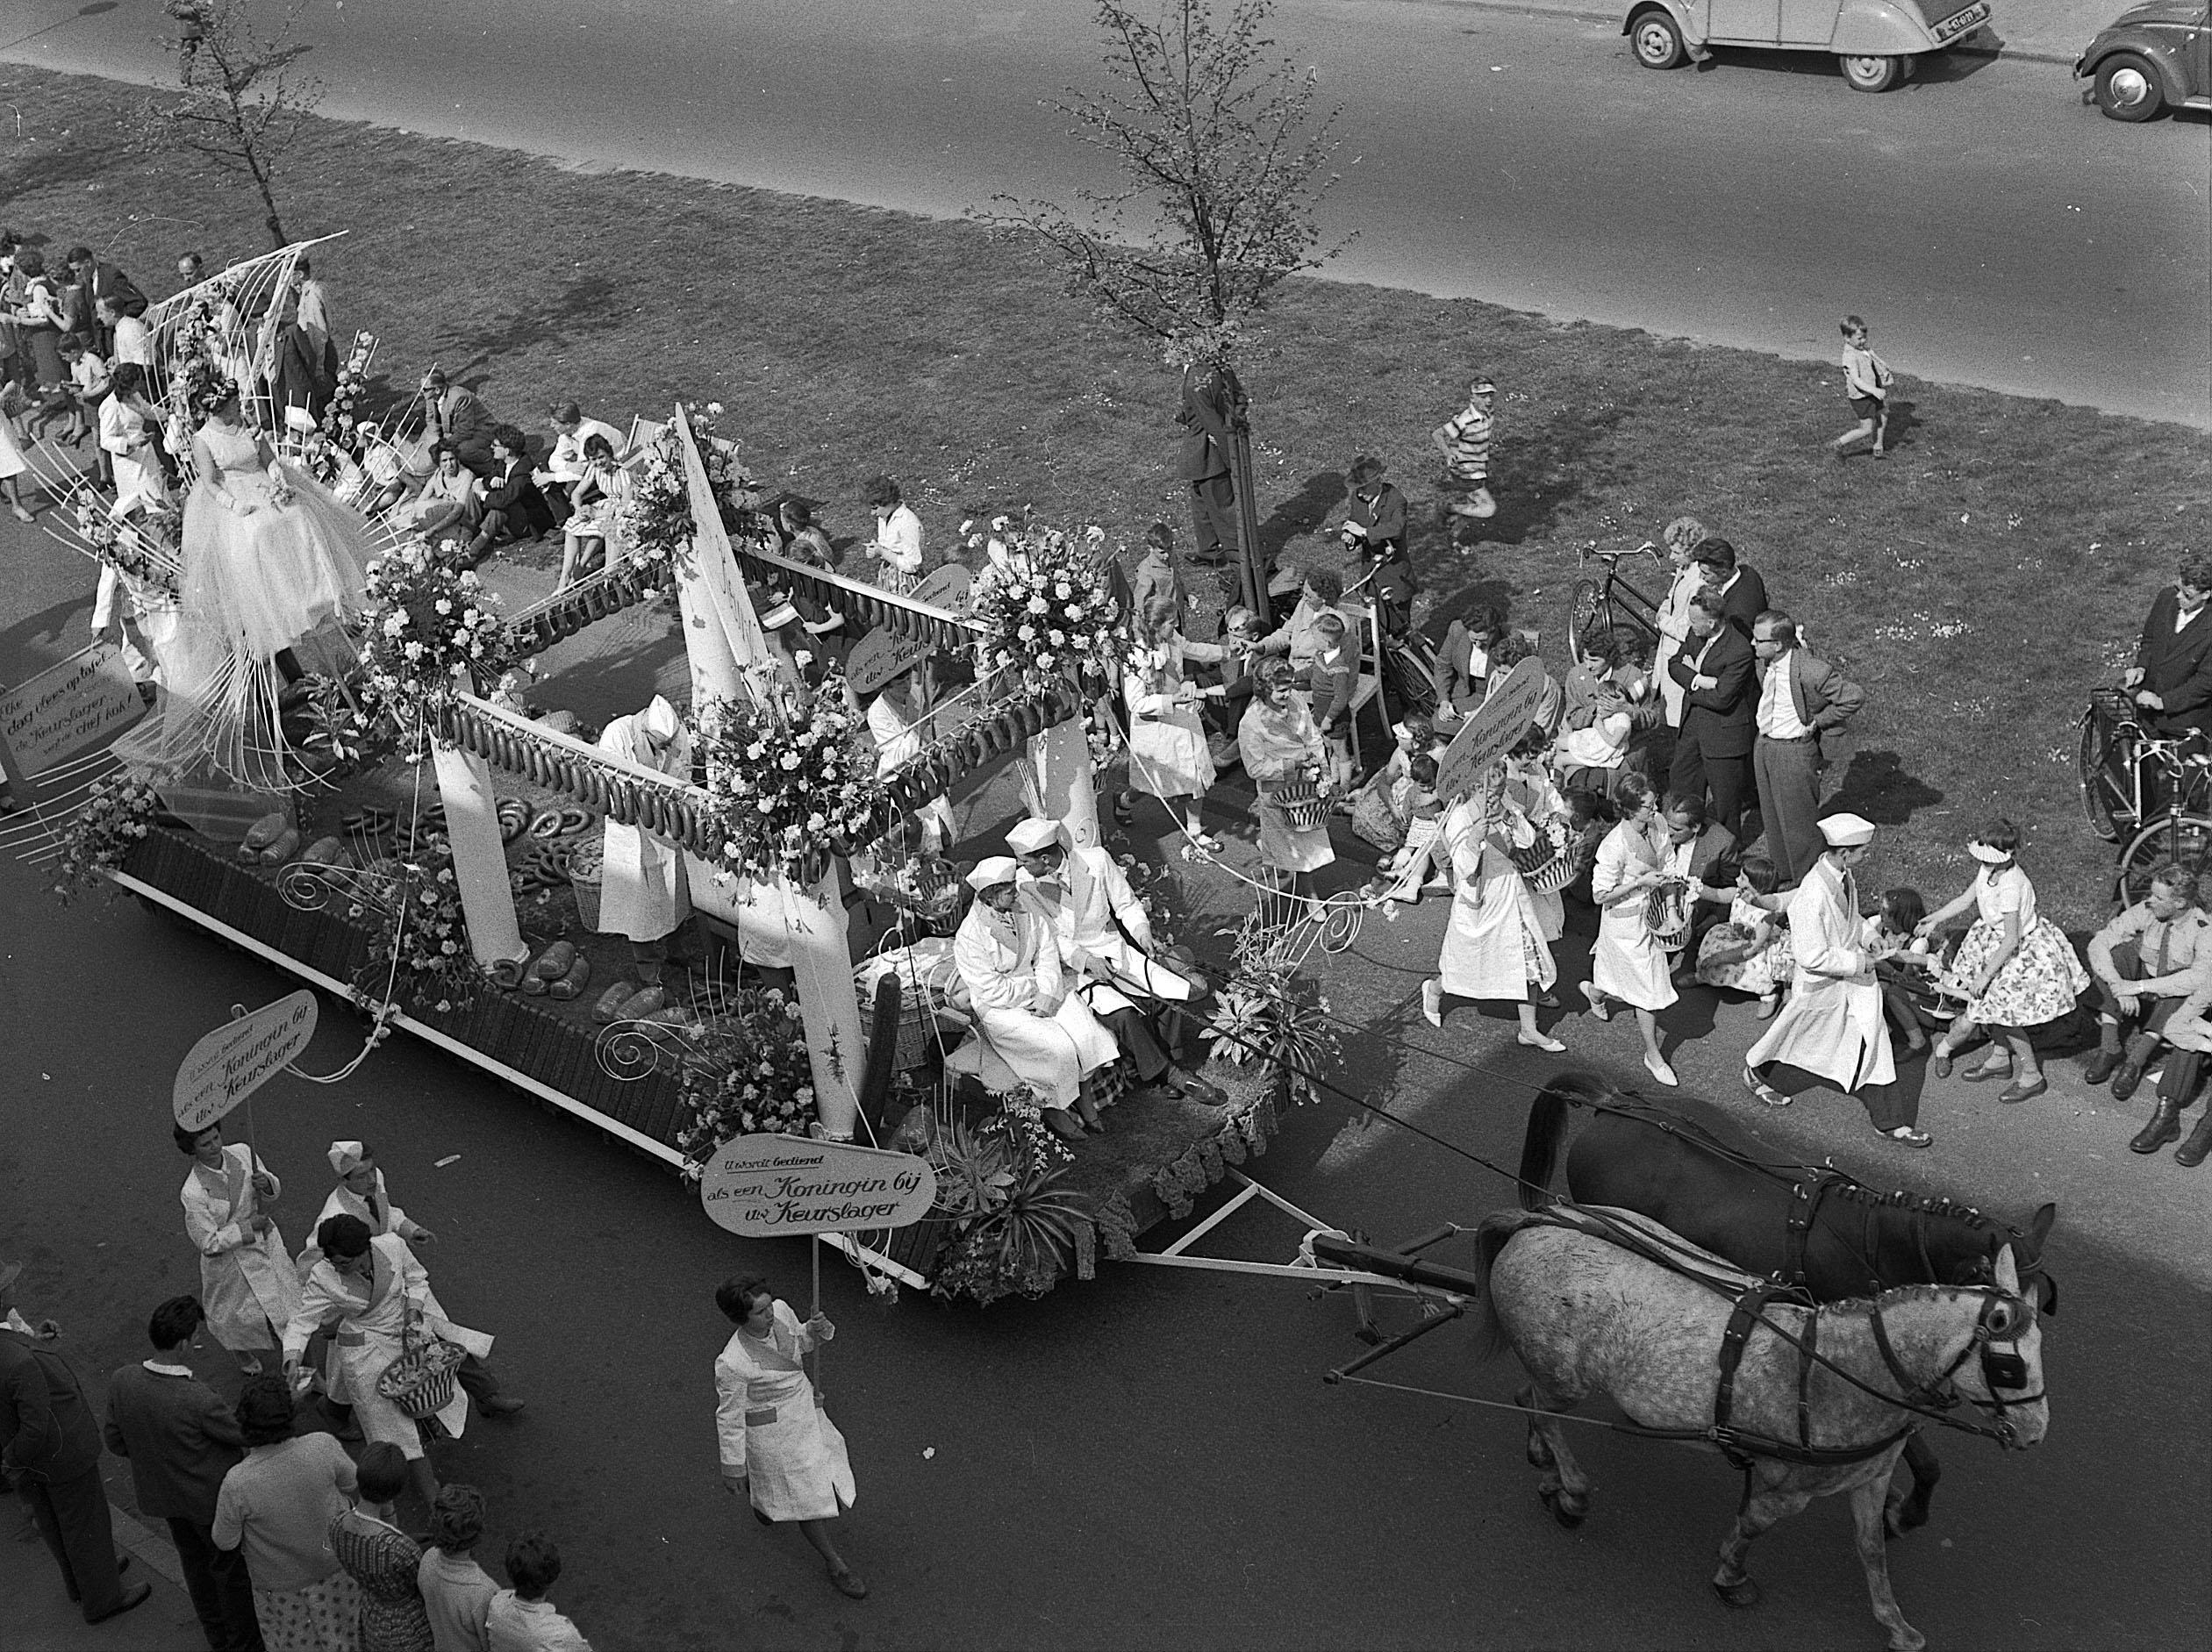 네덜란드의 5월 5일, Liberation Day 는 무슨 날일까?